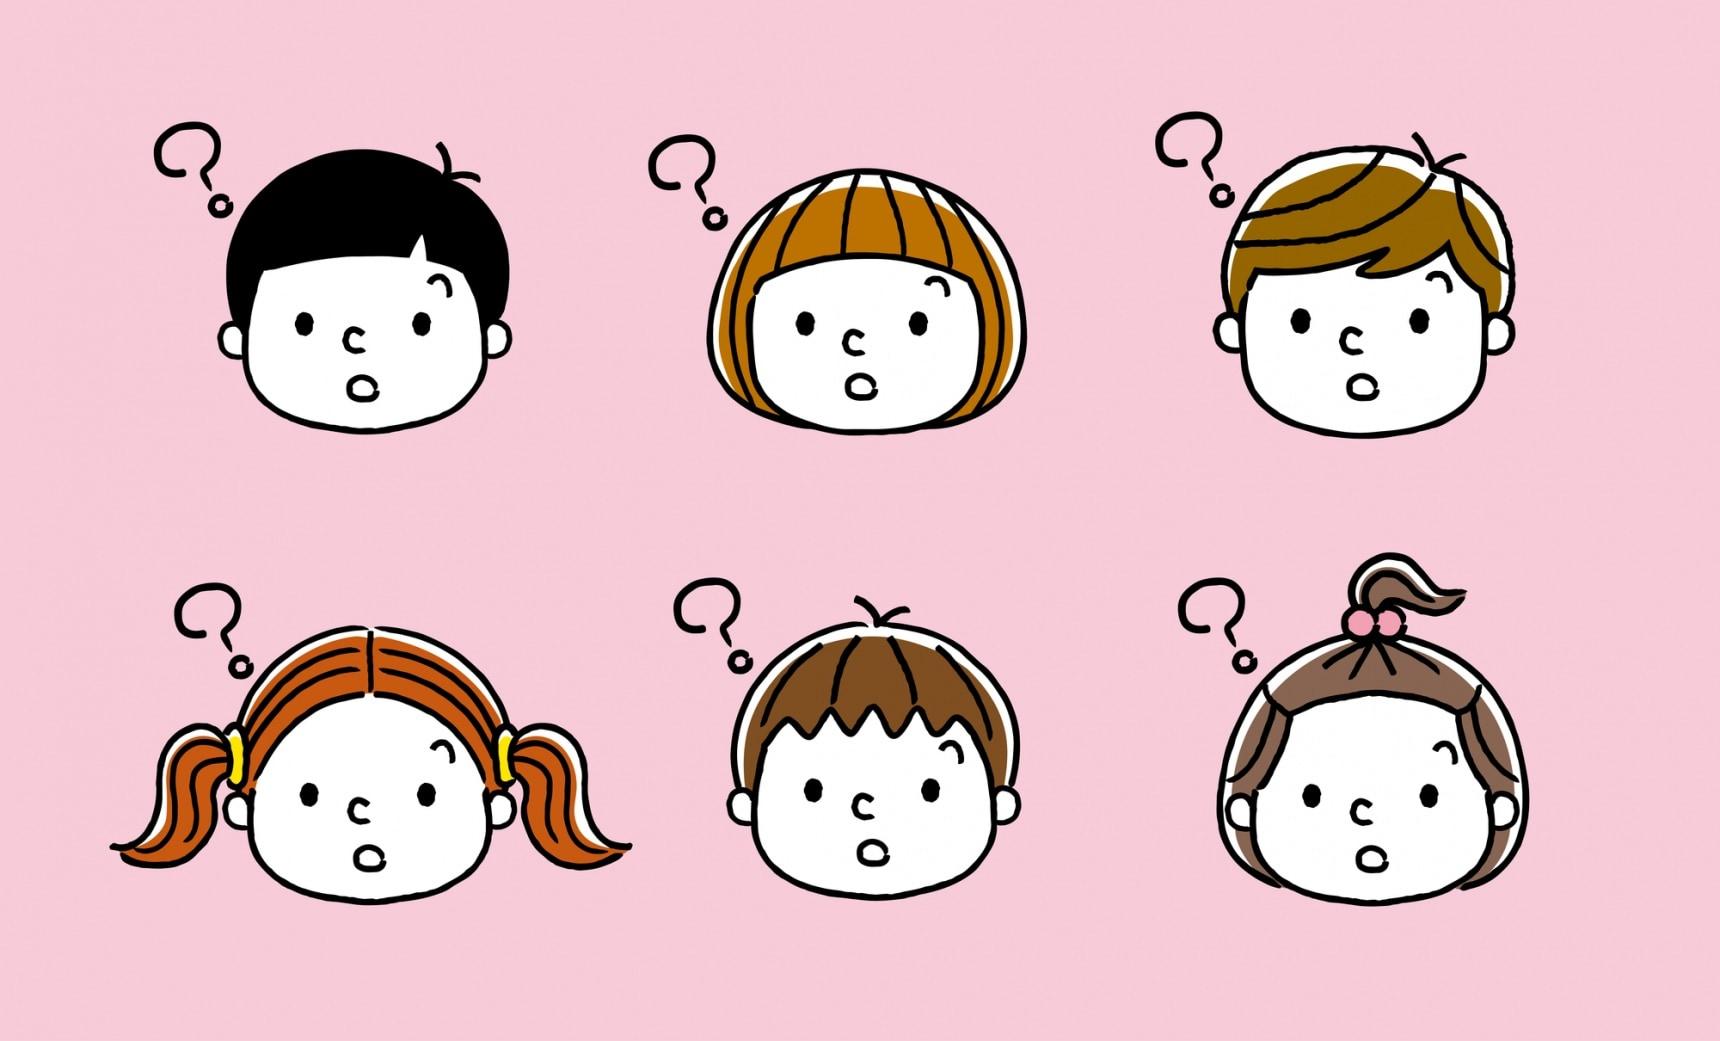 【日語豆知識】用點想像力其實你也能看懂中文裡沒有的「和製漢字」